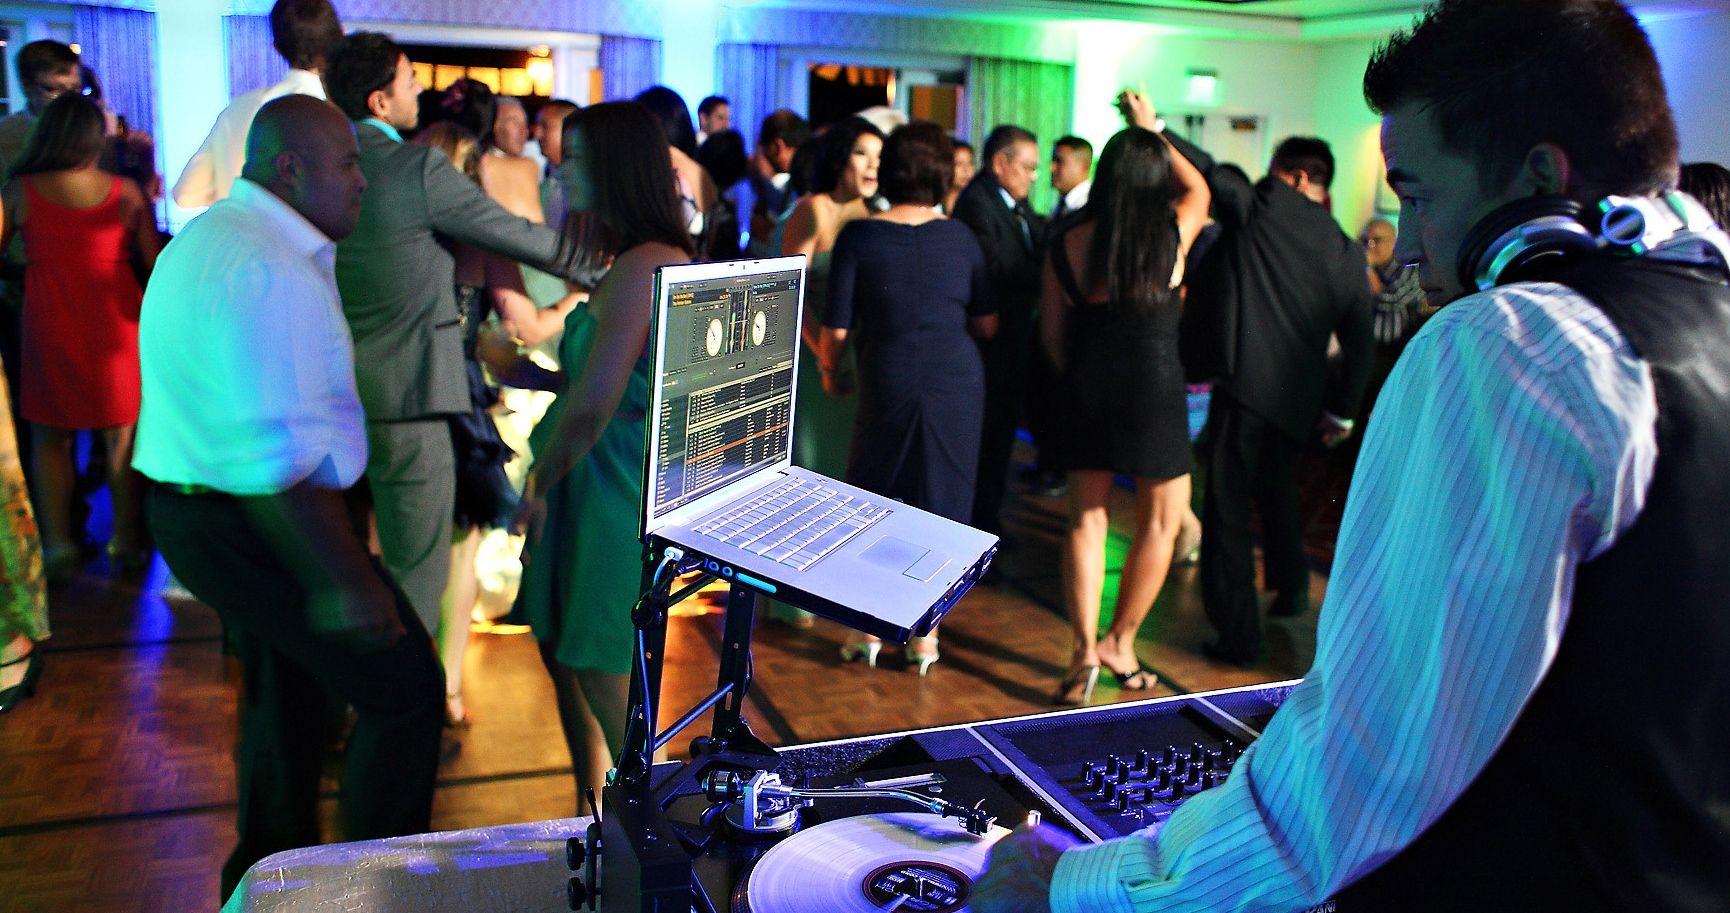 Empire entertainment gives more beneficial dj services